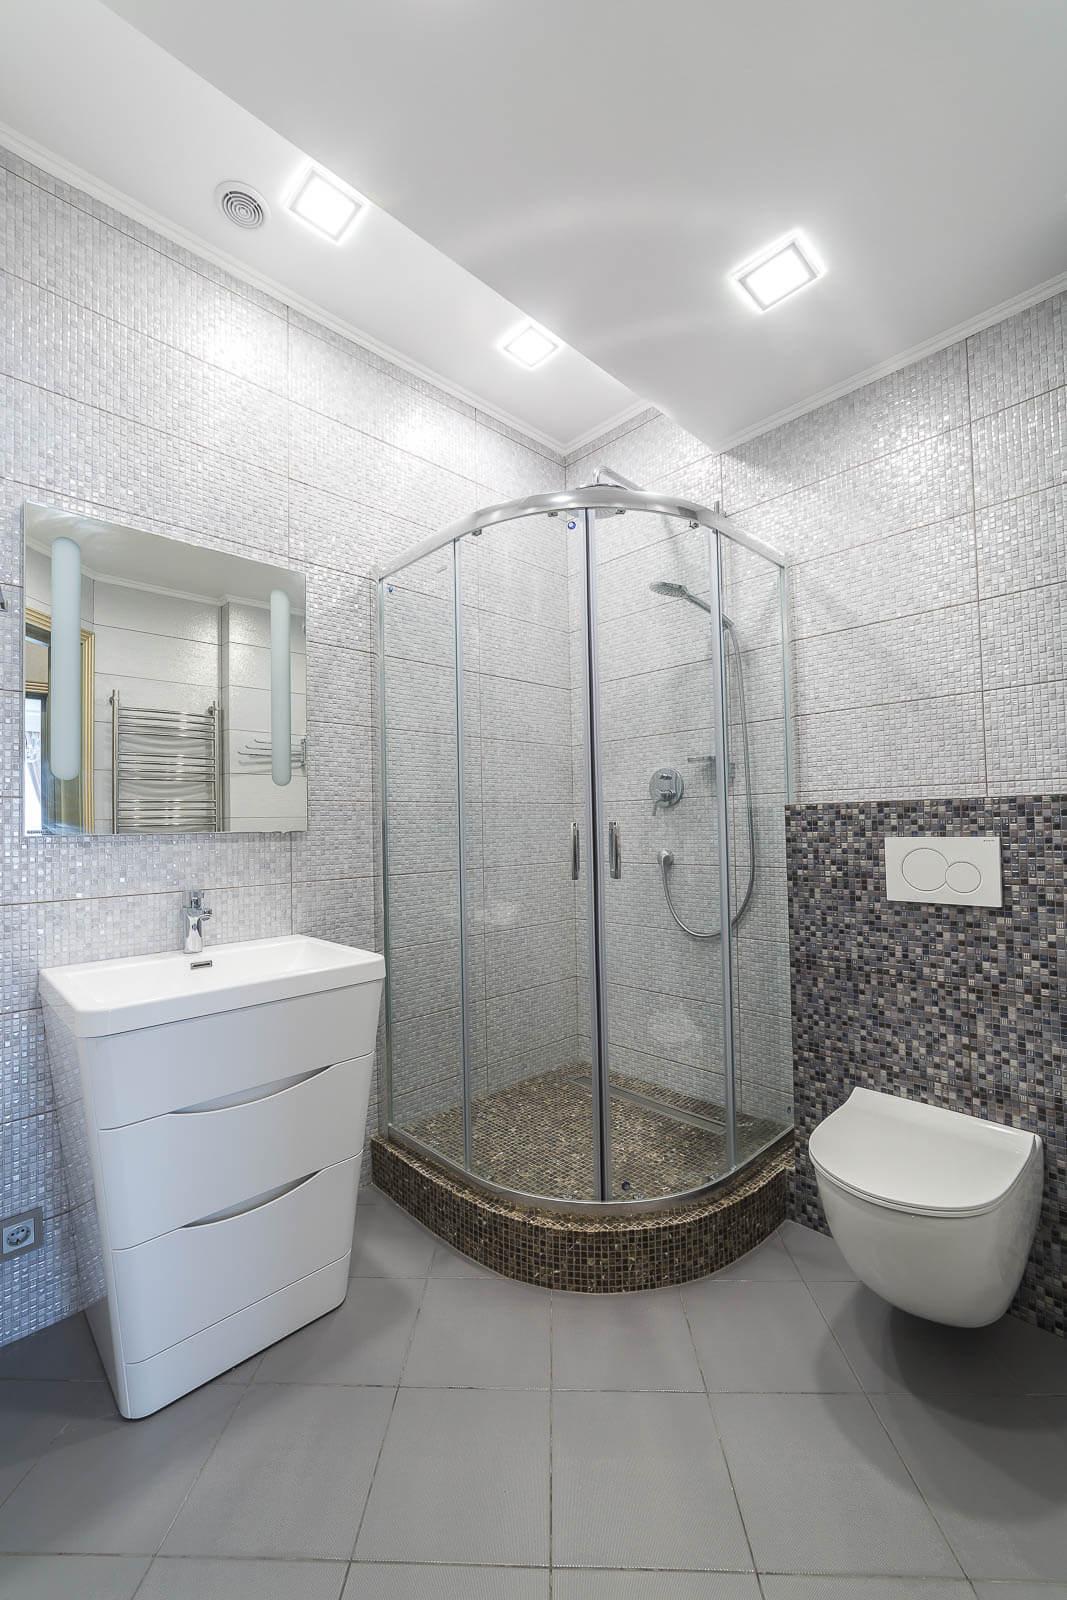 Элитные 3-х комнатные апартаменты в центре Сочи - image Elitnye-3-h-komnatnye-apartamenty-v-tsentre-Sochi-8 on https://bizneskvartal.ru